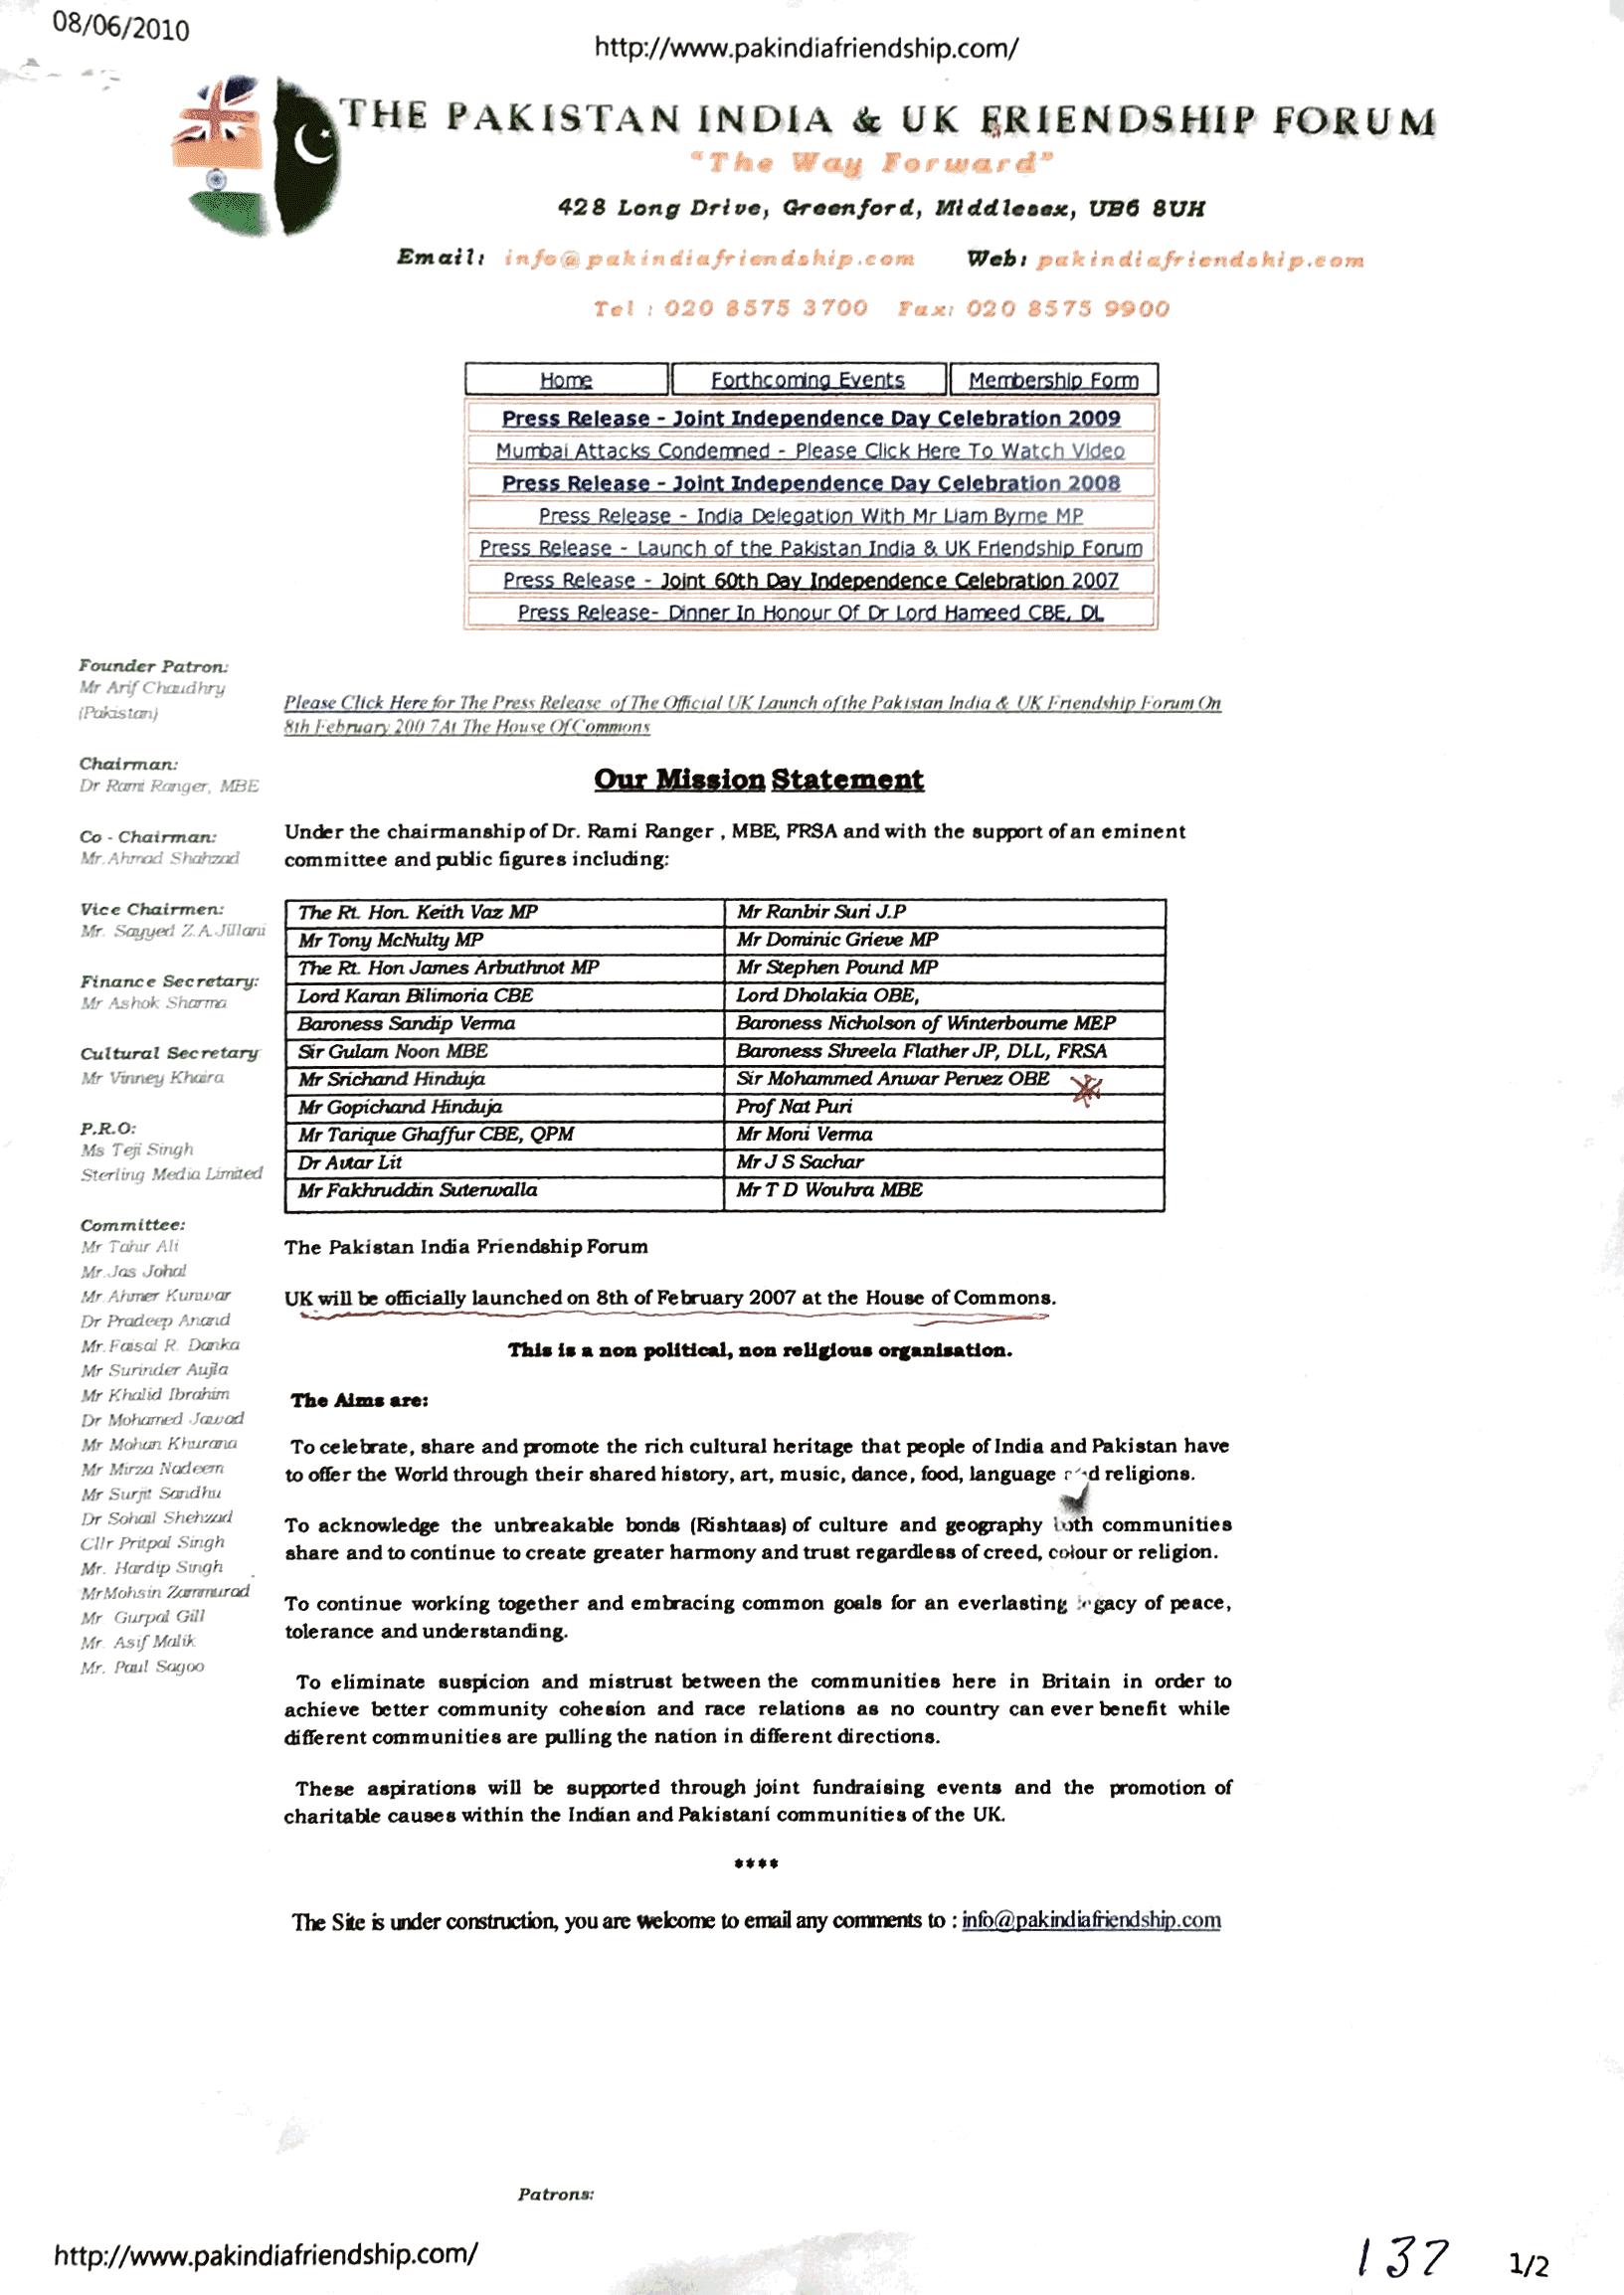 the-pakistan-india-uk-friendship-forum-opposition1